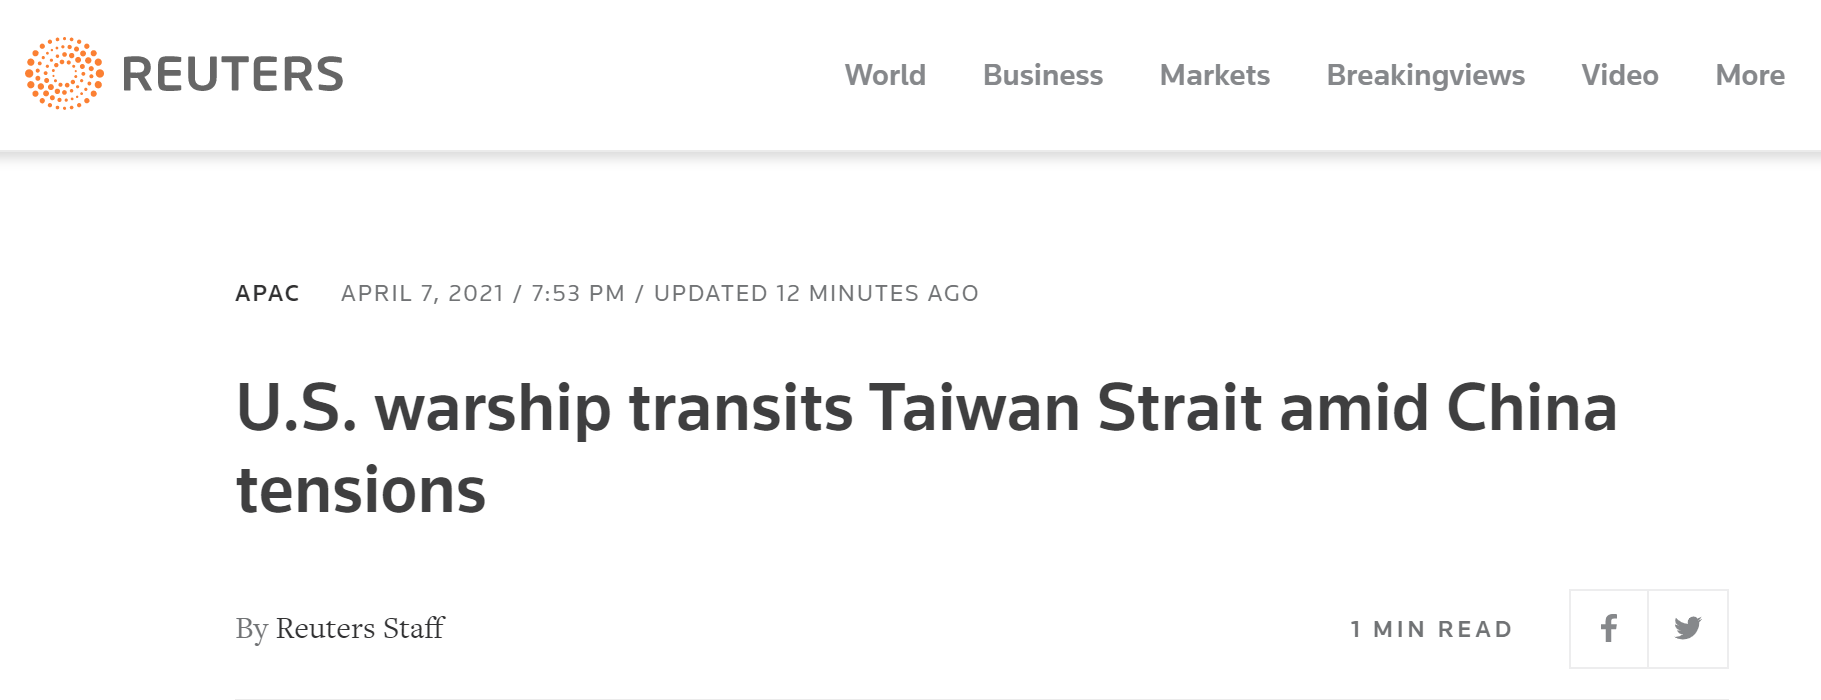 又来!美国海军宣称麦凯恩号驱逐舰今日穿航台湾海峡